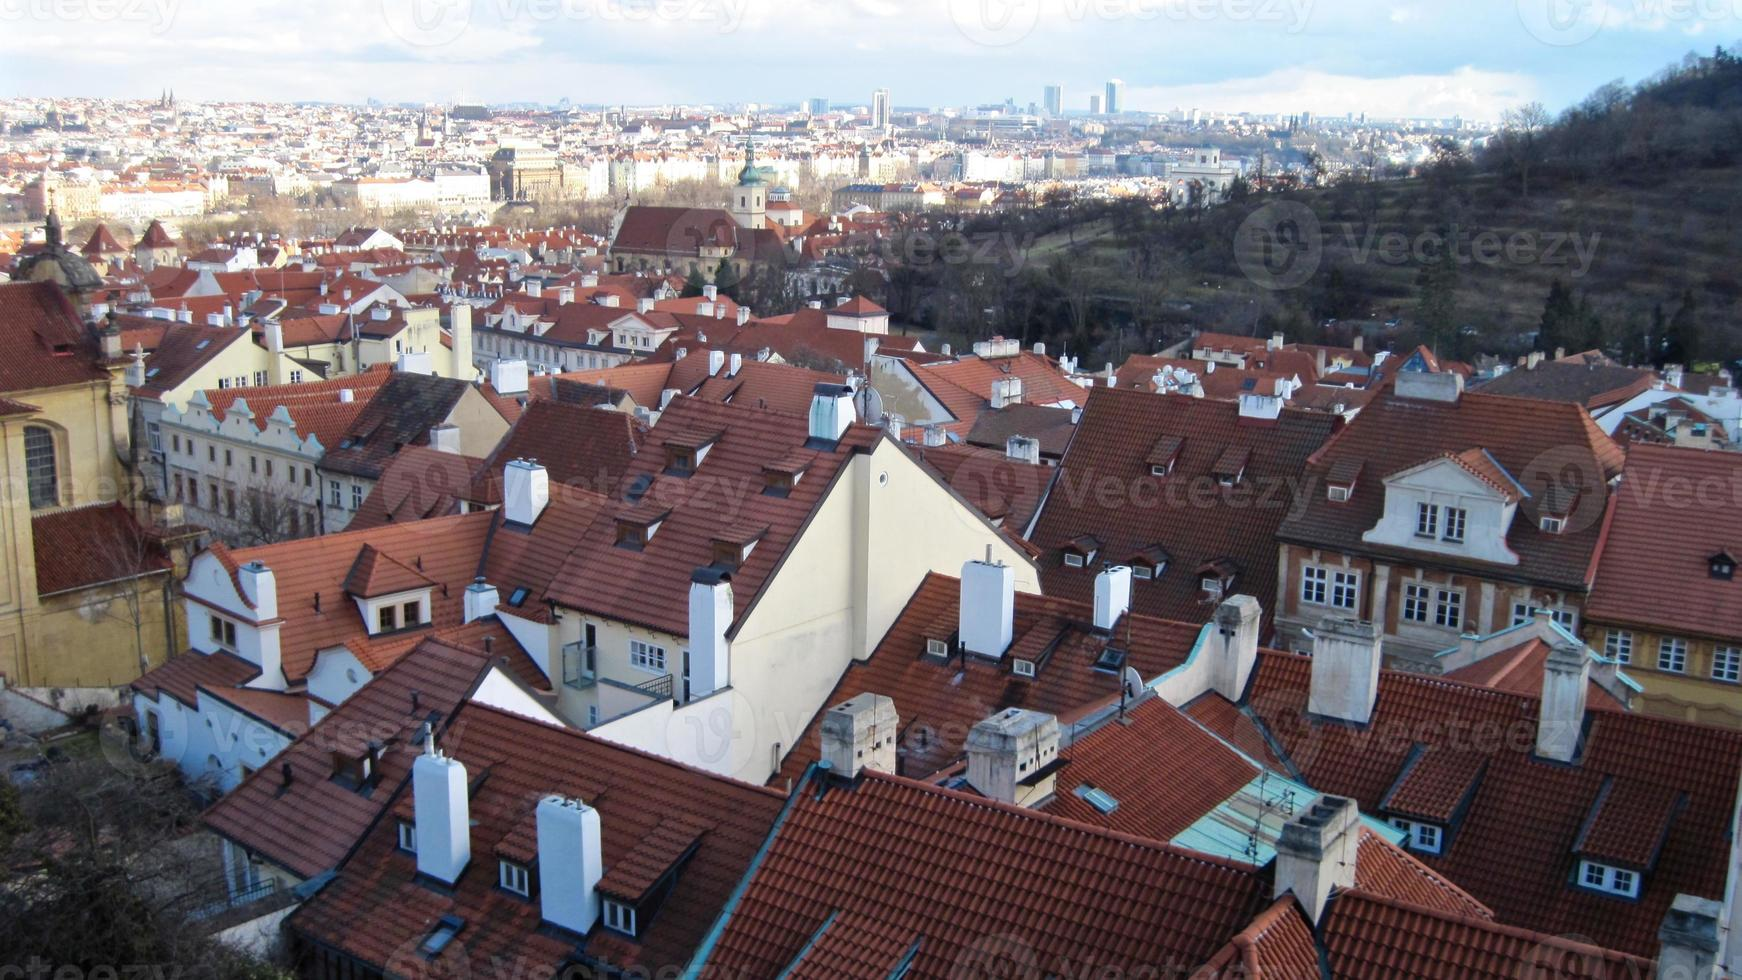 telhados vermelhos foto